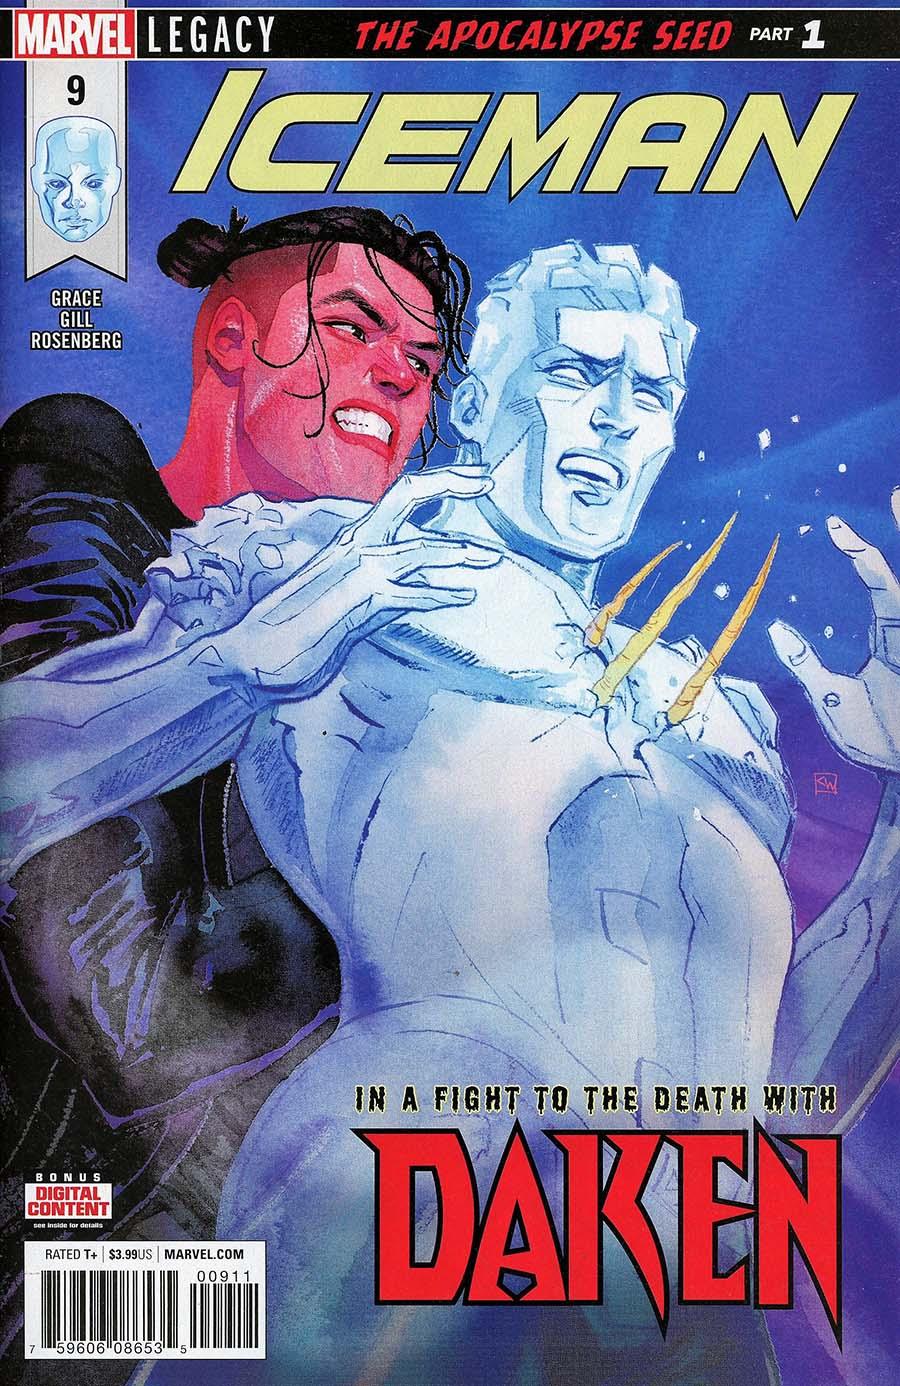 Iceman Vol 3 #9 (Marvel Legacy Tie-In)